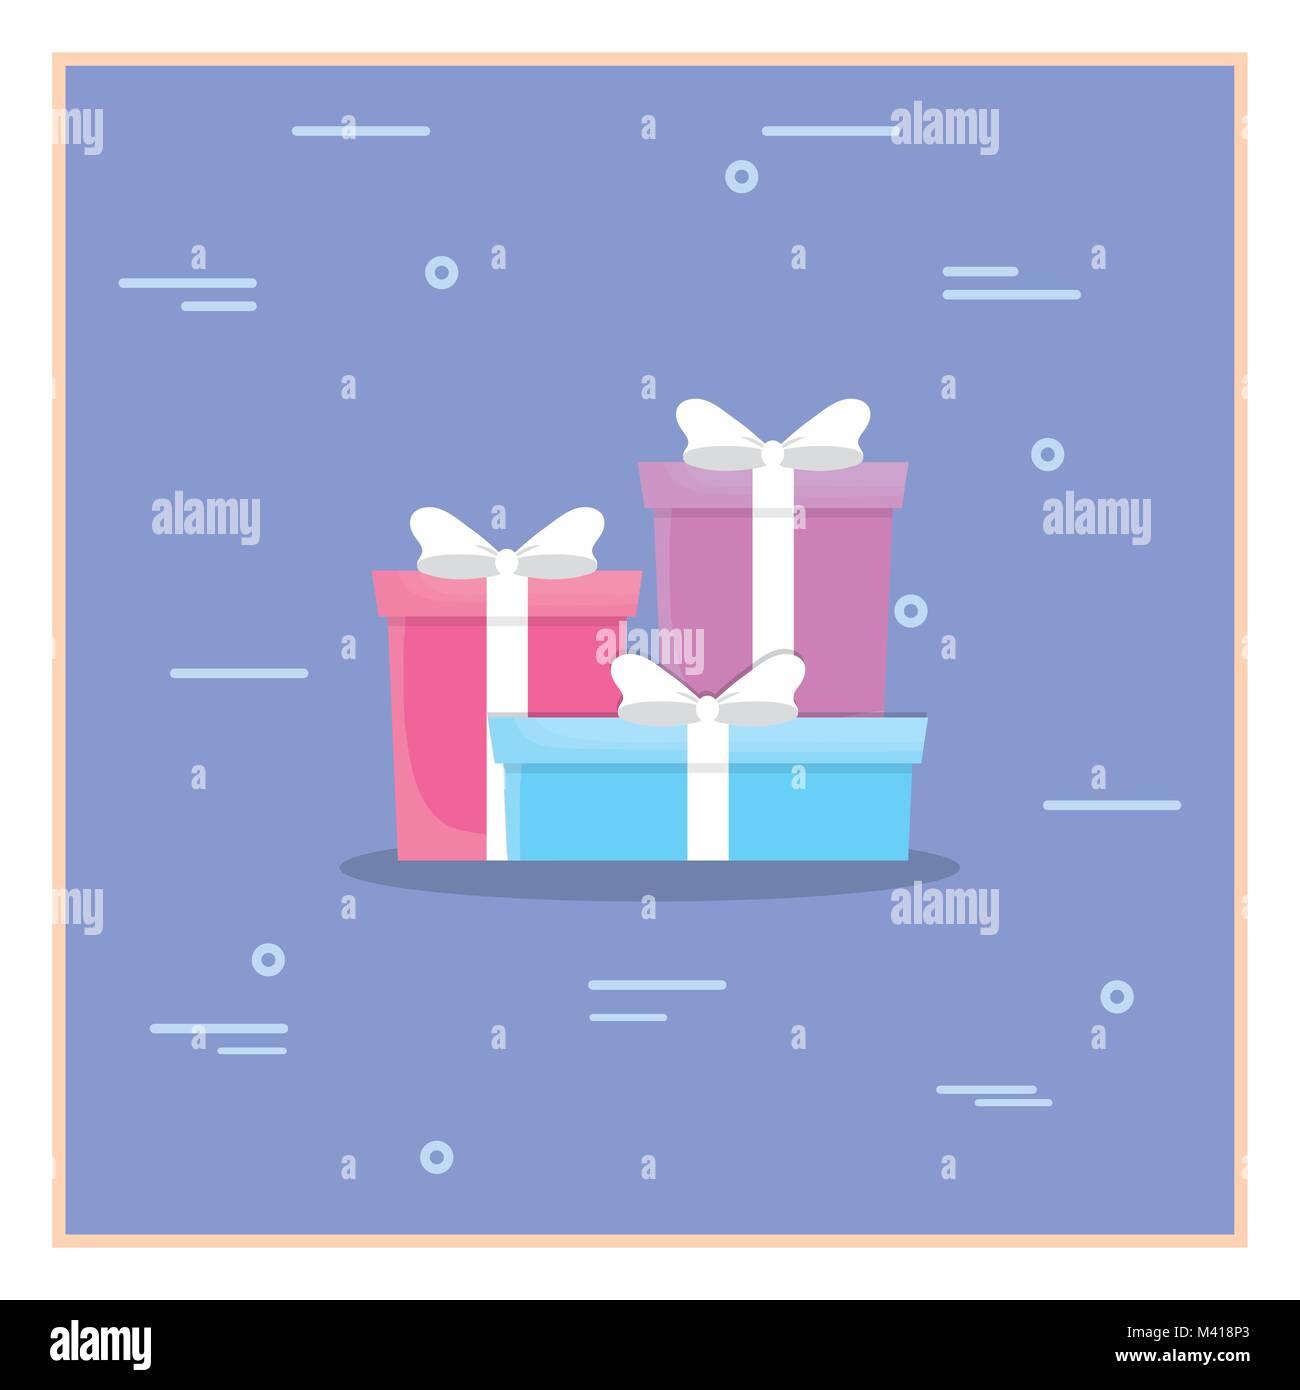 Happy birthday design - Stock Image